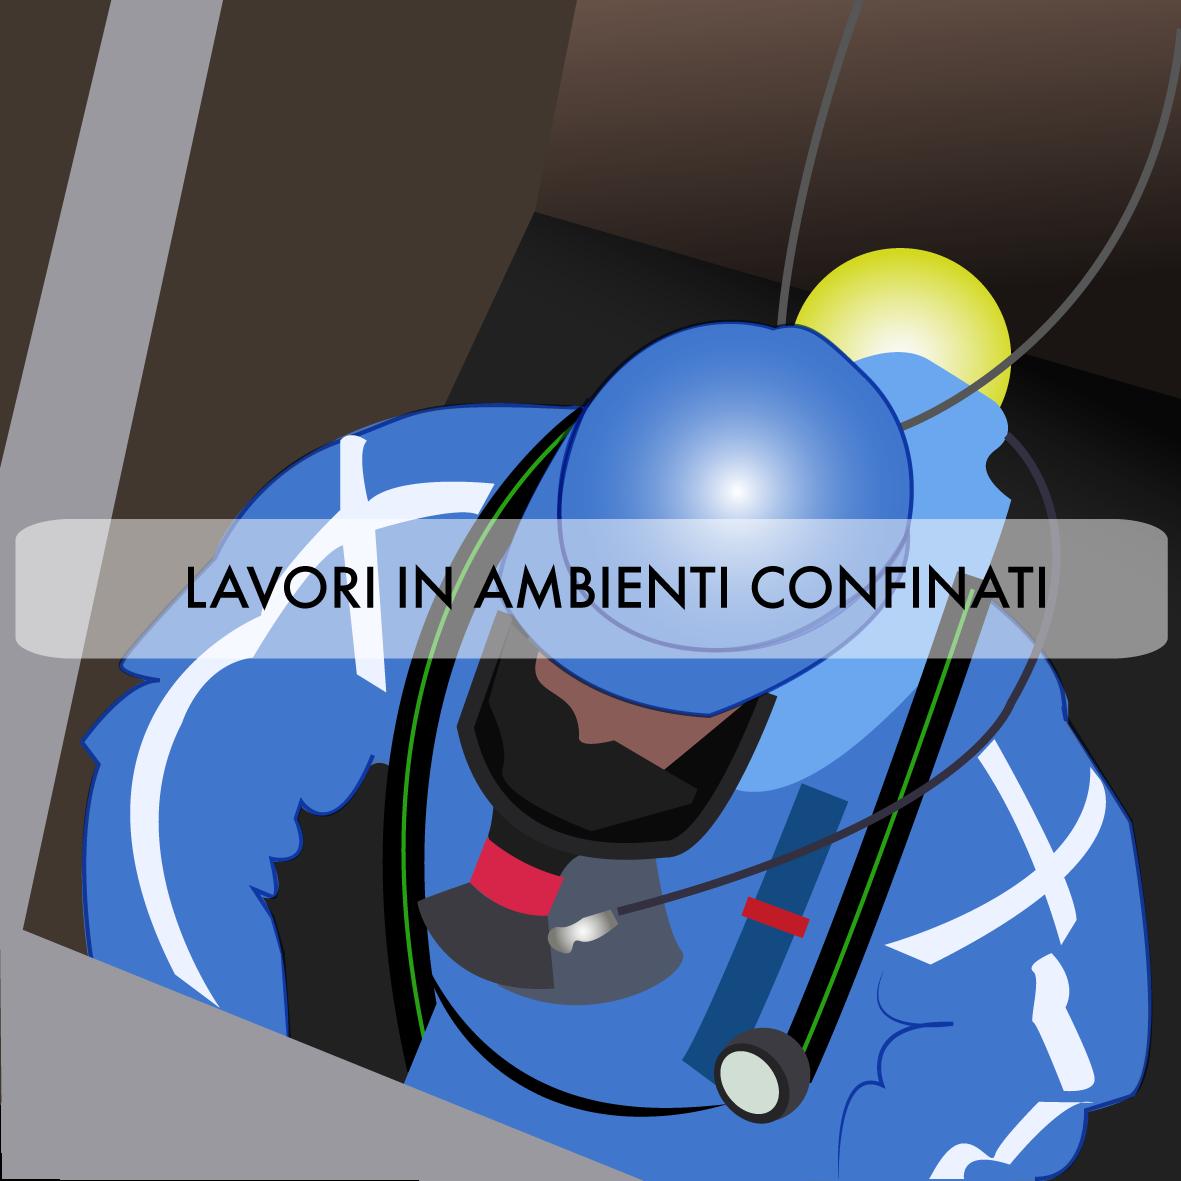 Logo VRS Corso Lavori in ambienti confinati